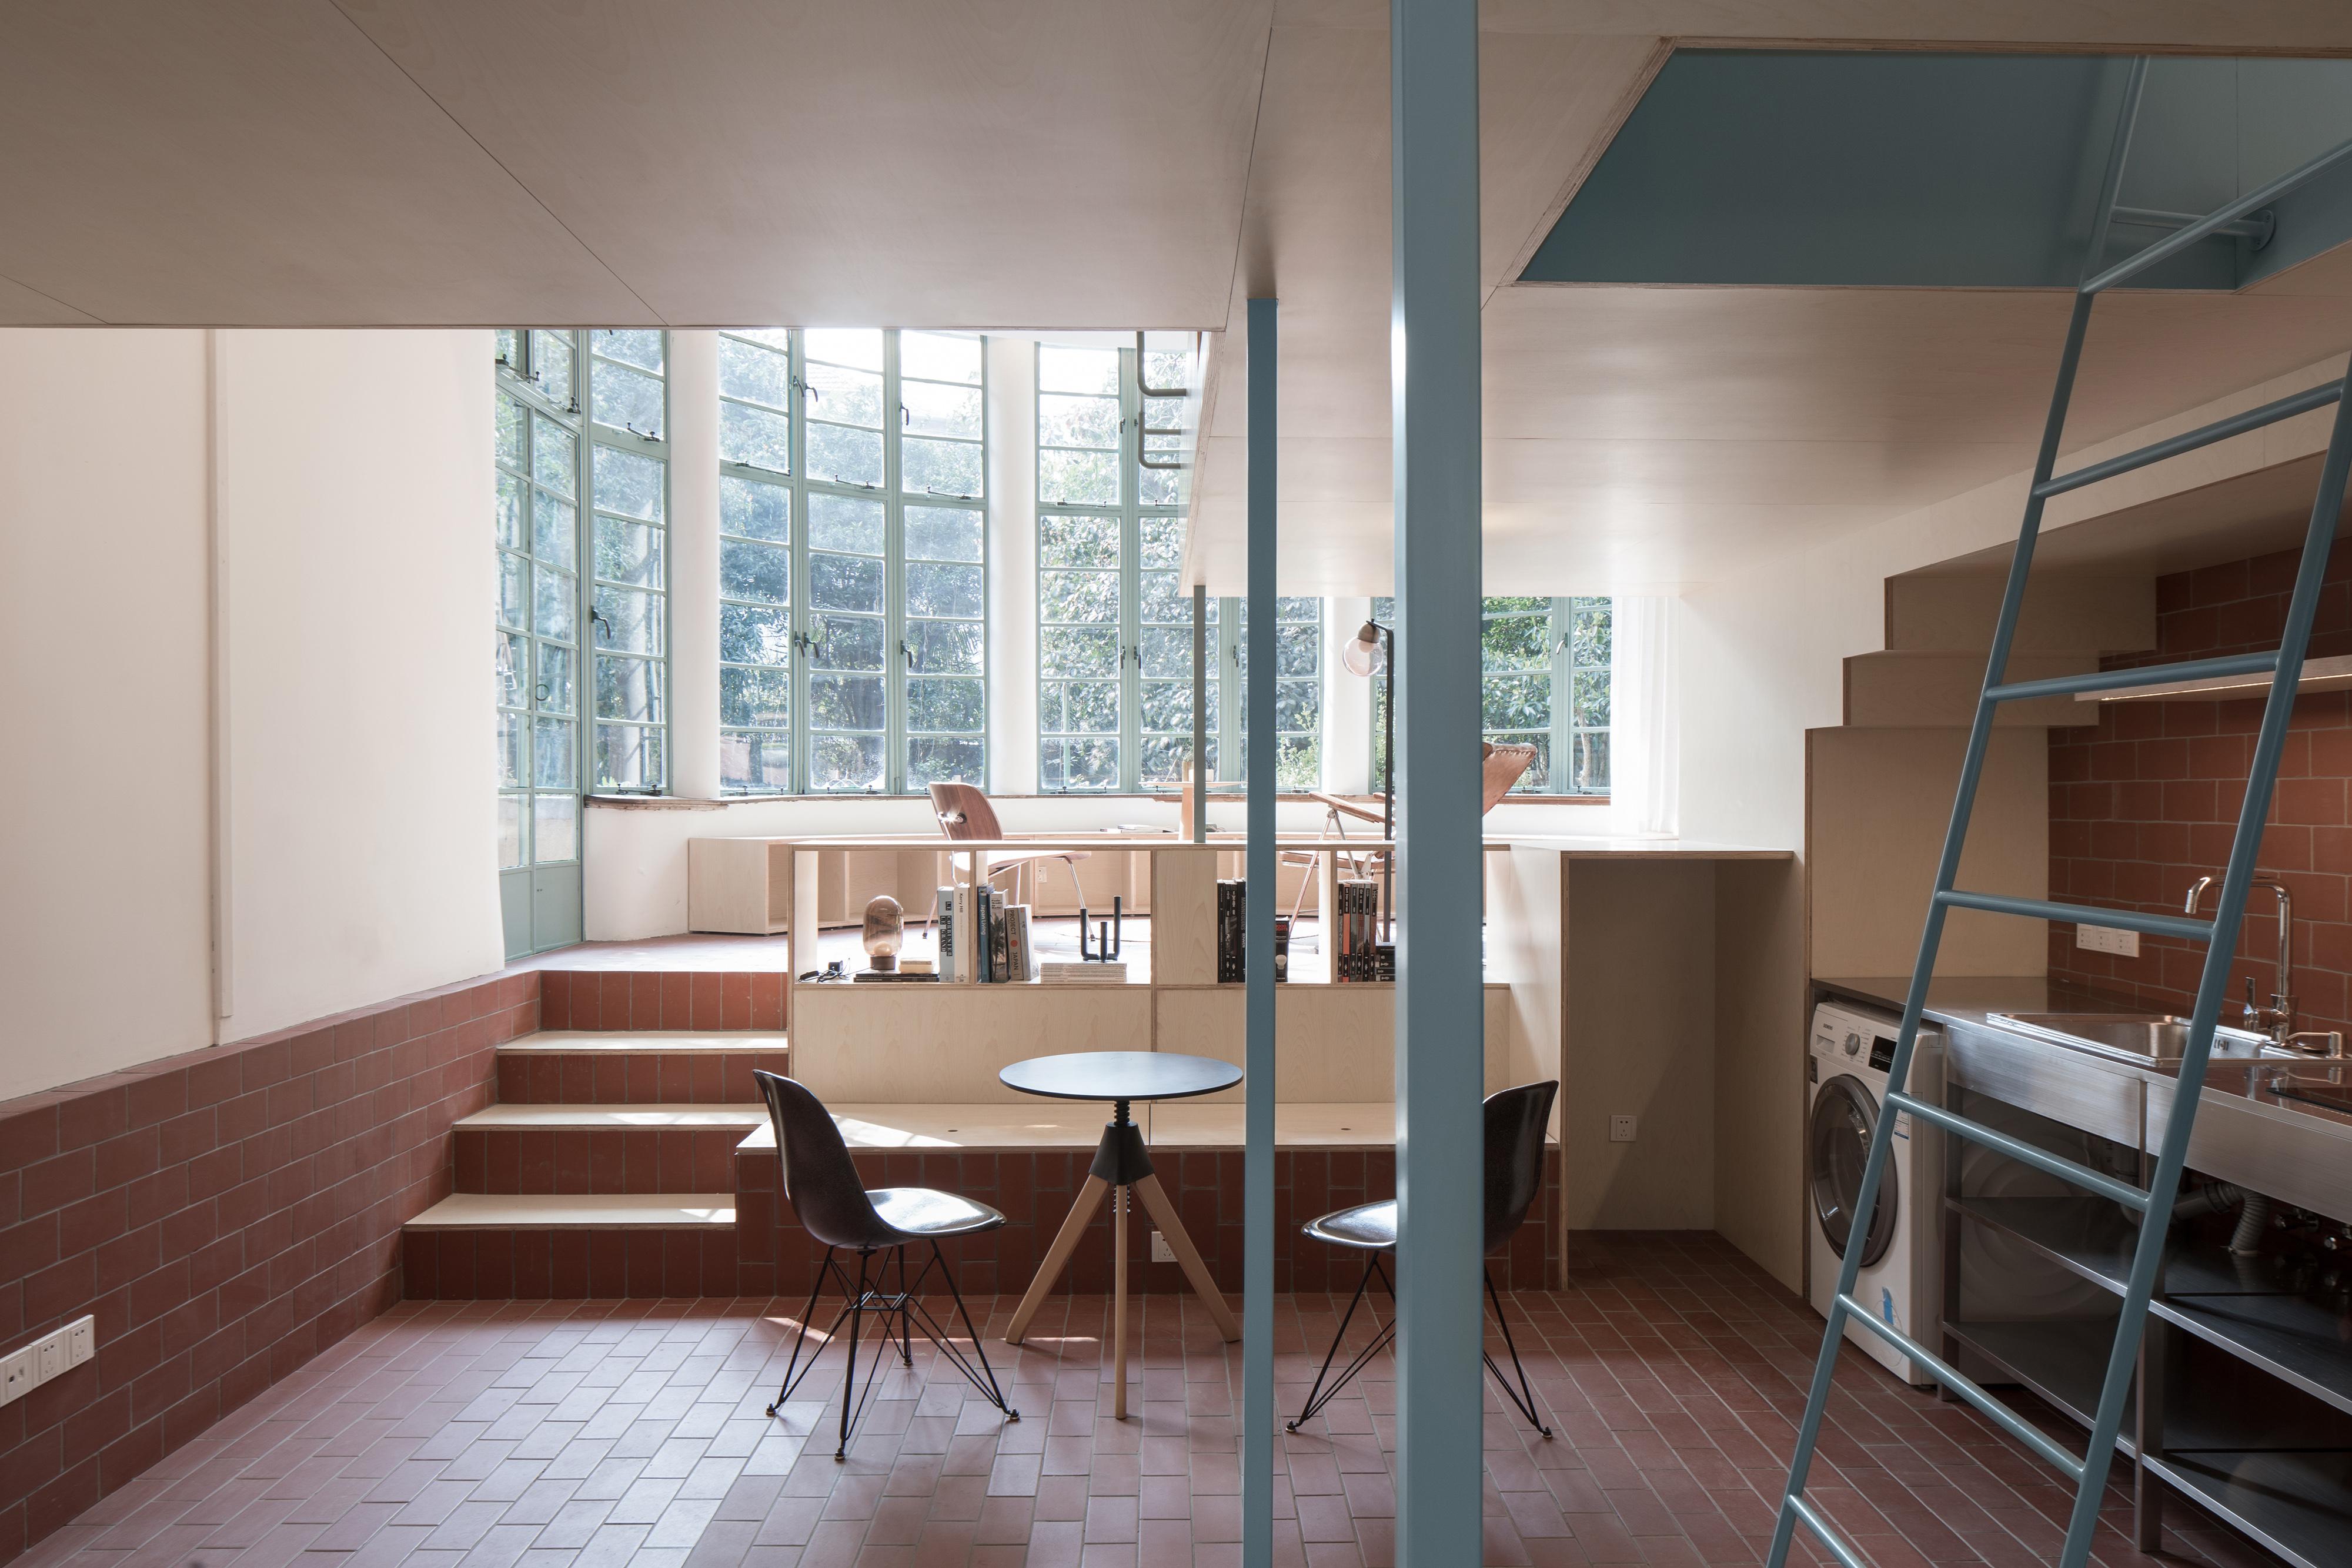 madera contrachapada de arce que divide el espacio en dos niveles